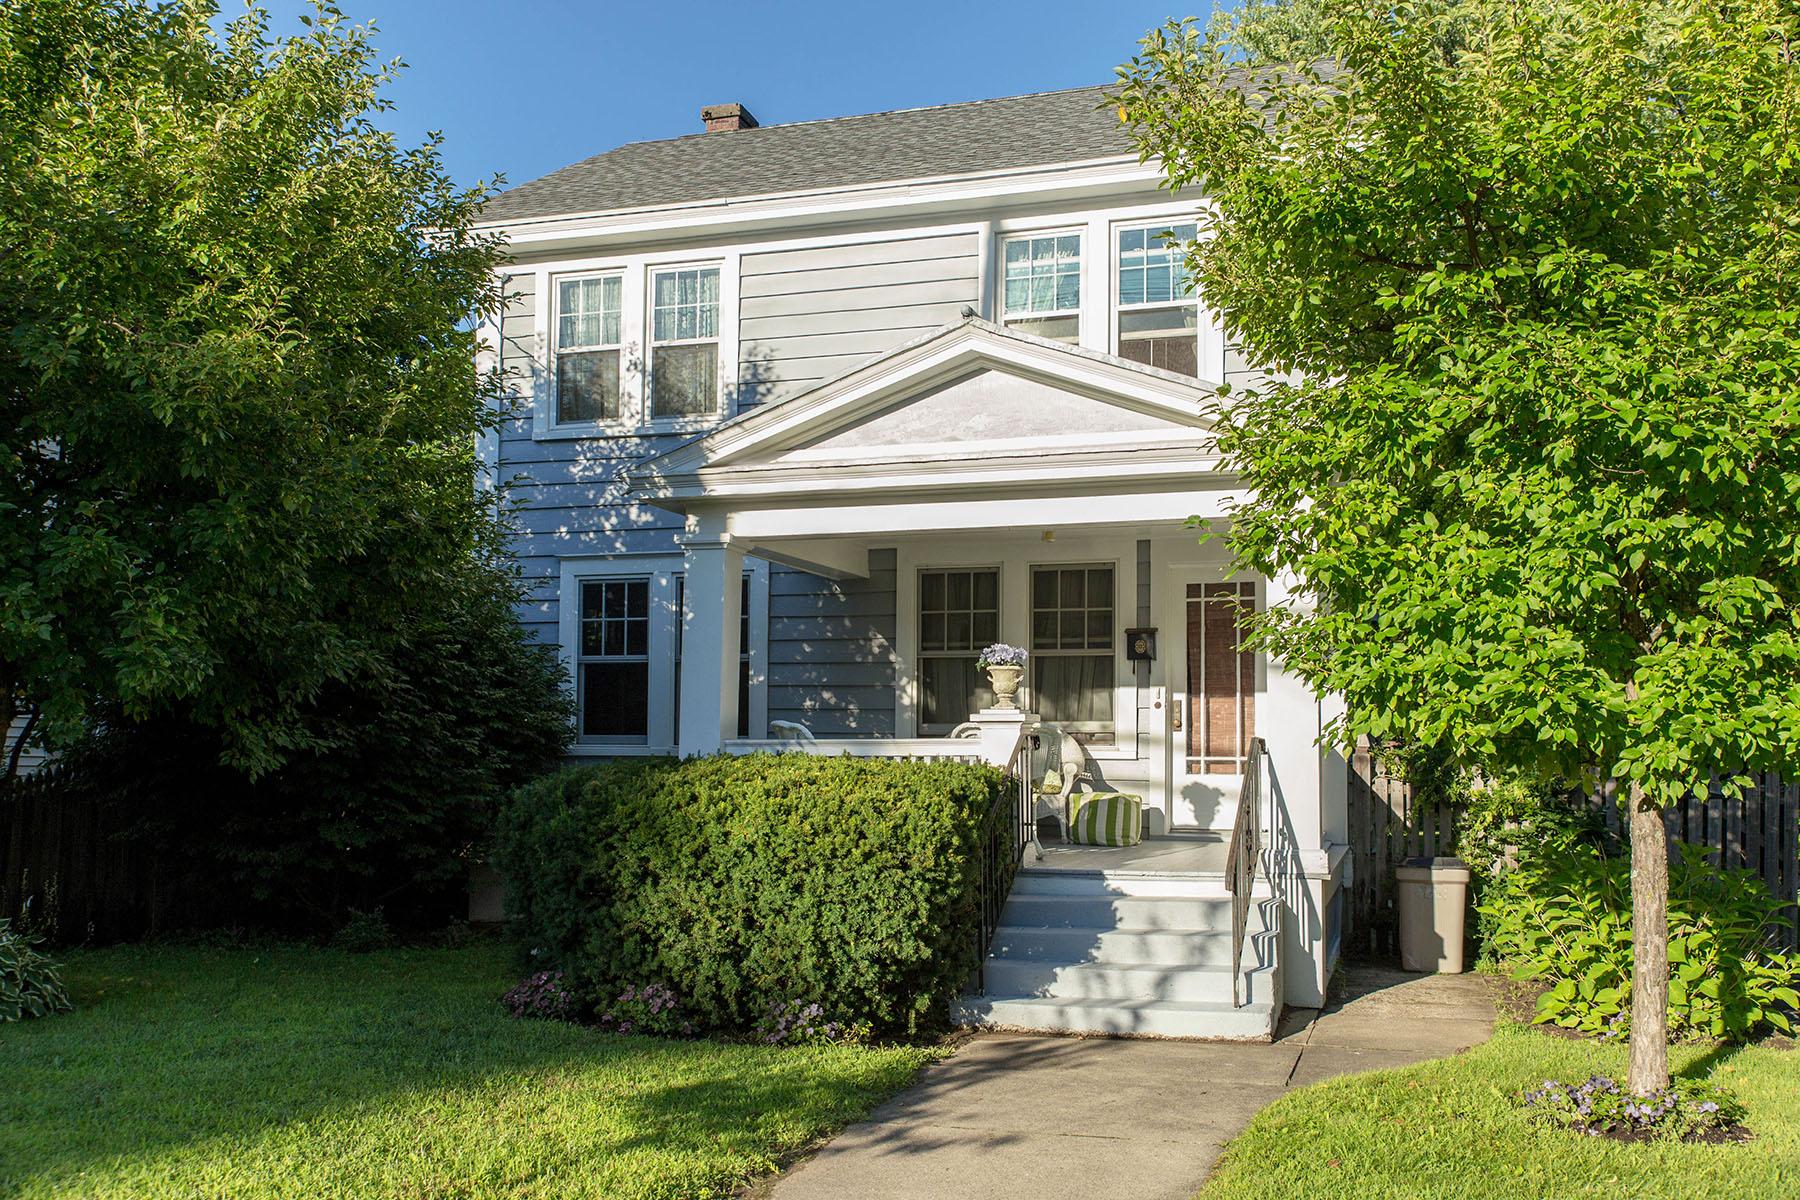 独户住宅 为 销售 在 East Side Saratoga Springs Home 200 East Av 萨拉托贾斯普林斯, 纽约州 12866 美国